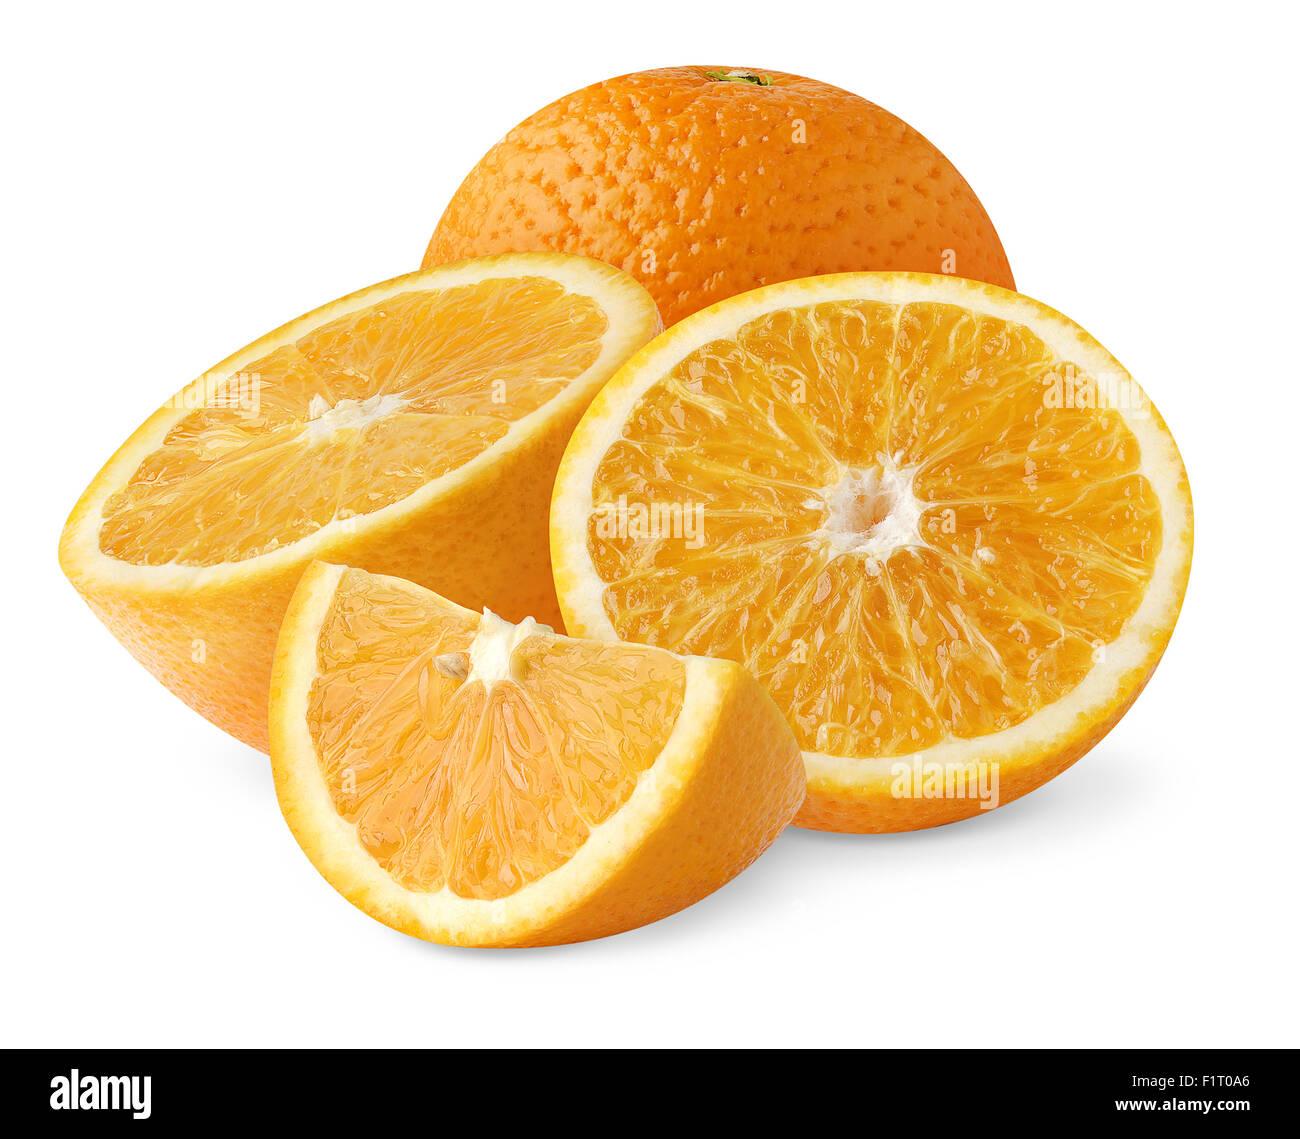 Oranges isolated on white - Stock Image